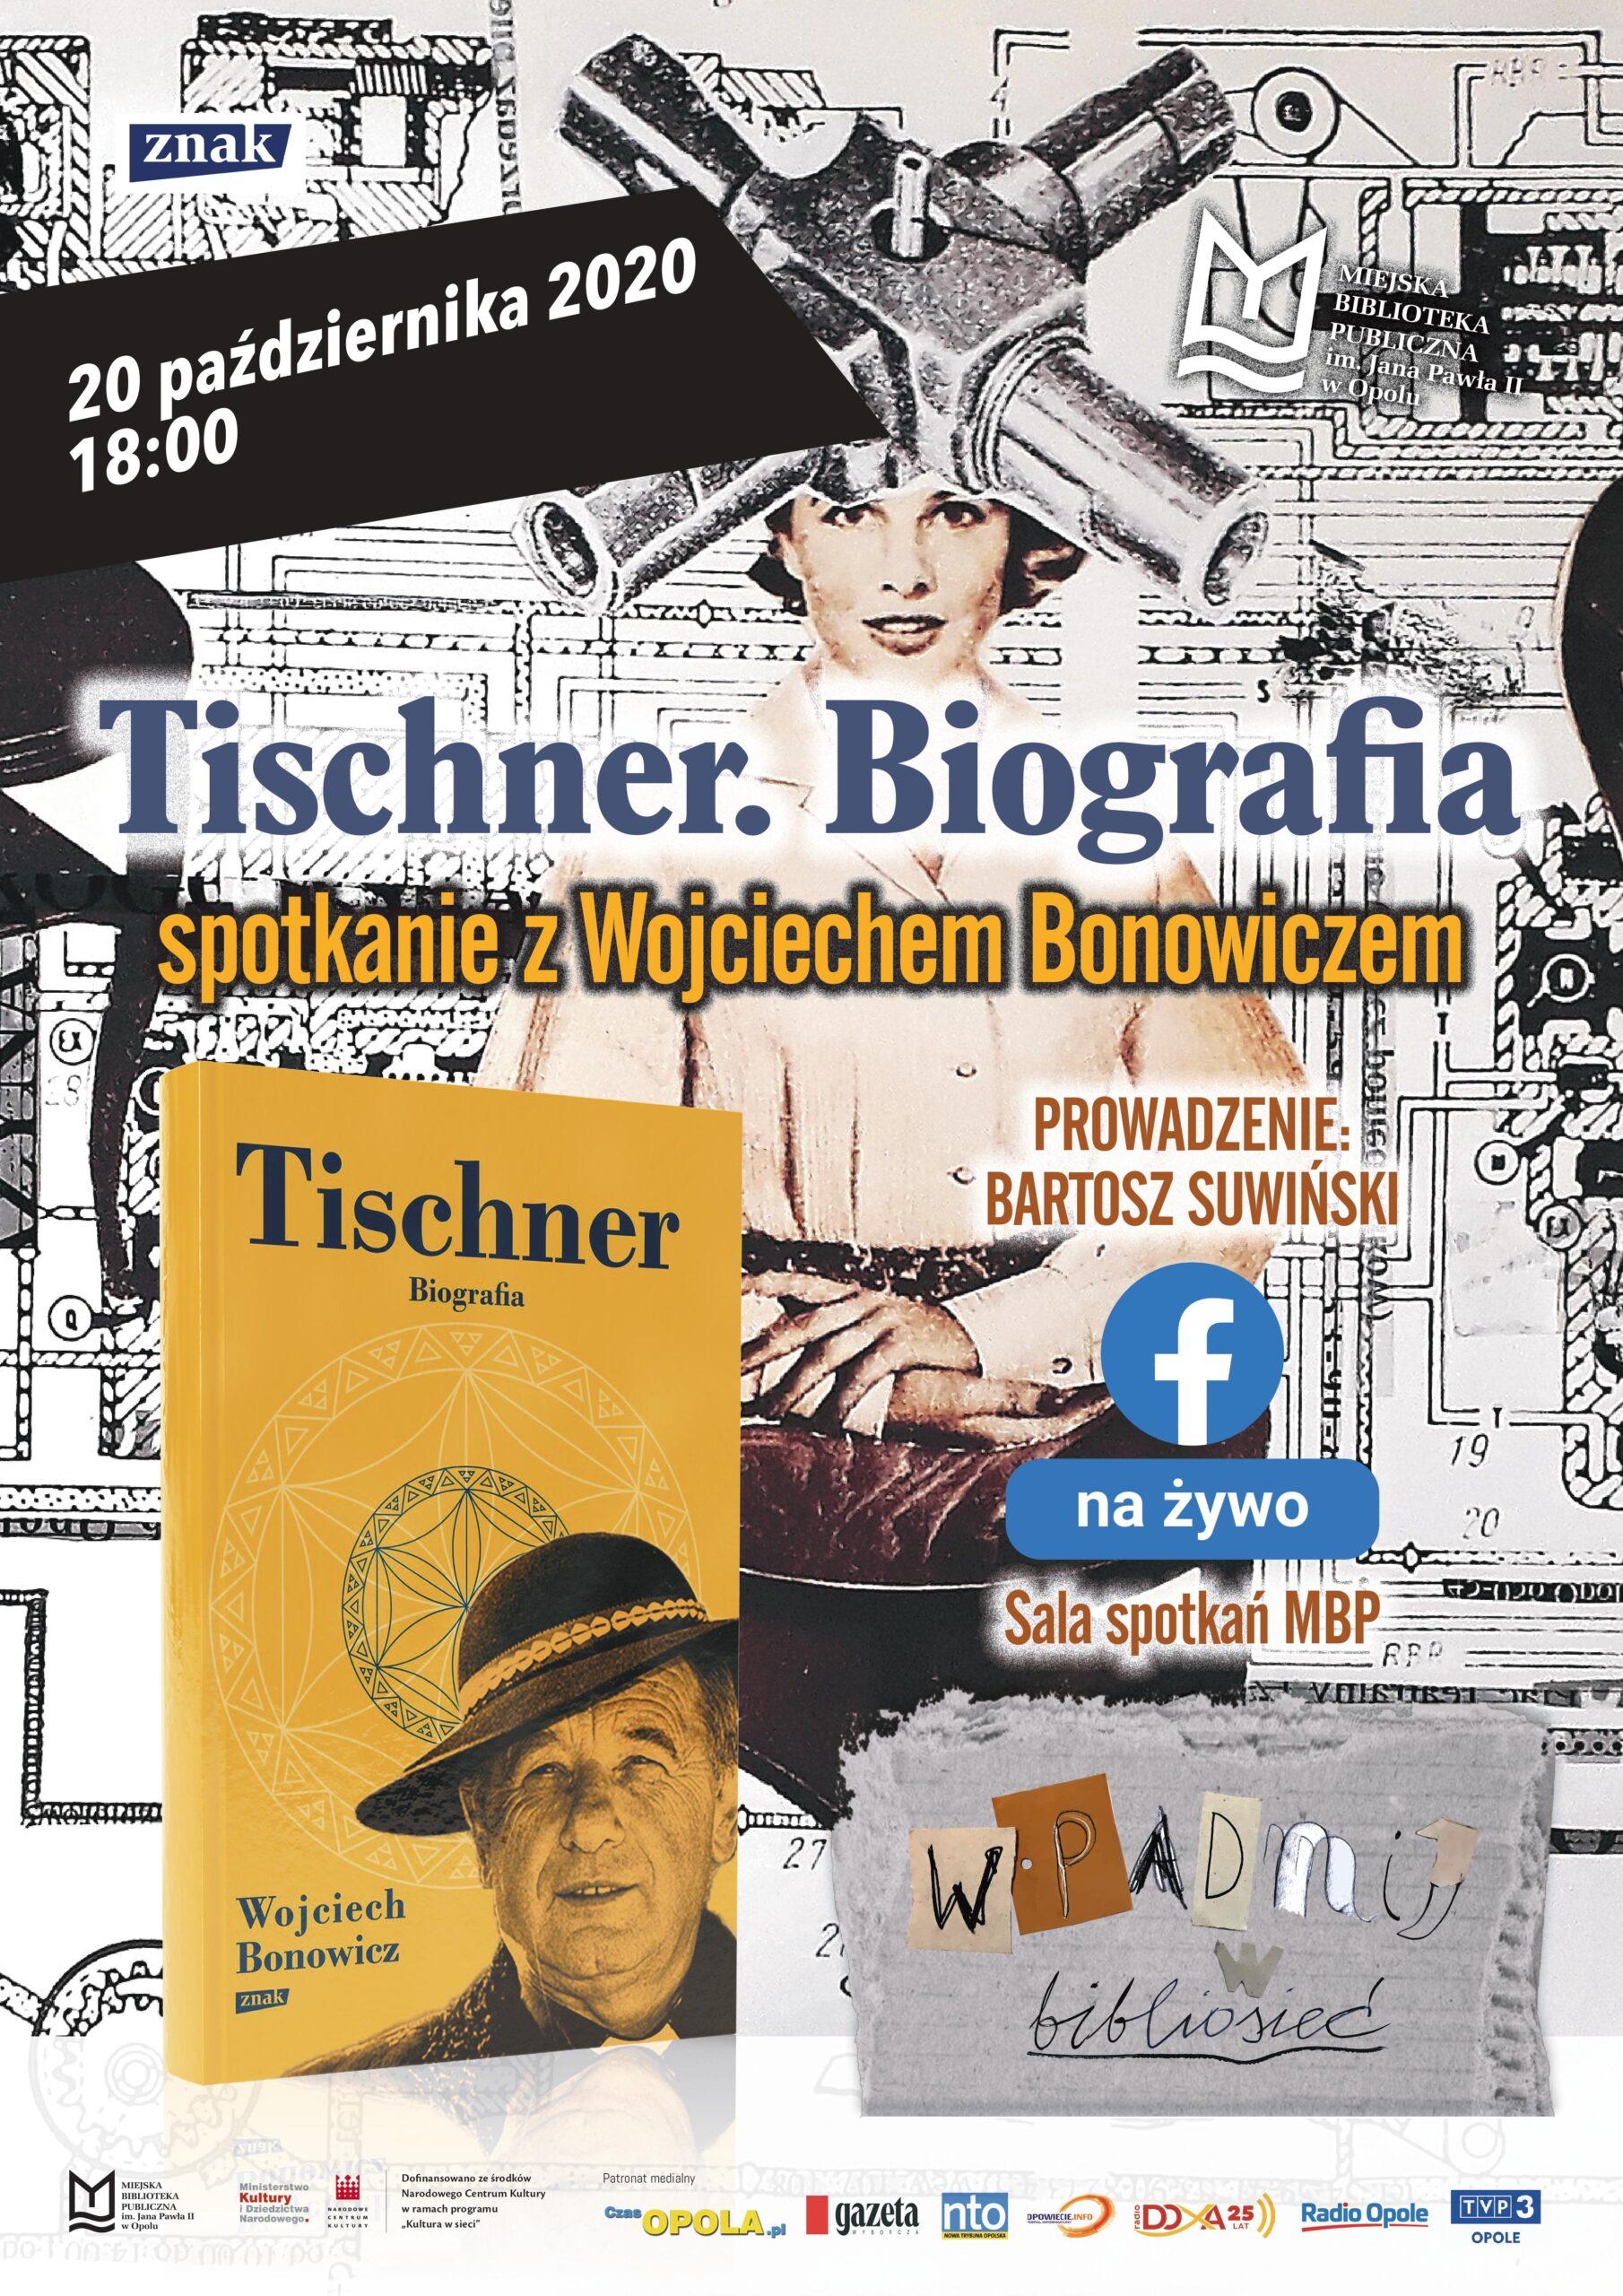 Tischner. Biografia – spotkanie z Wojciechem Bonowiczem